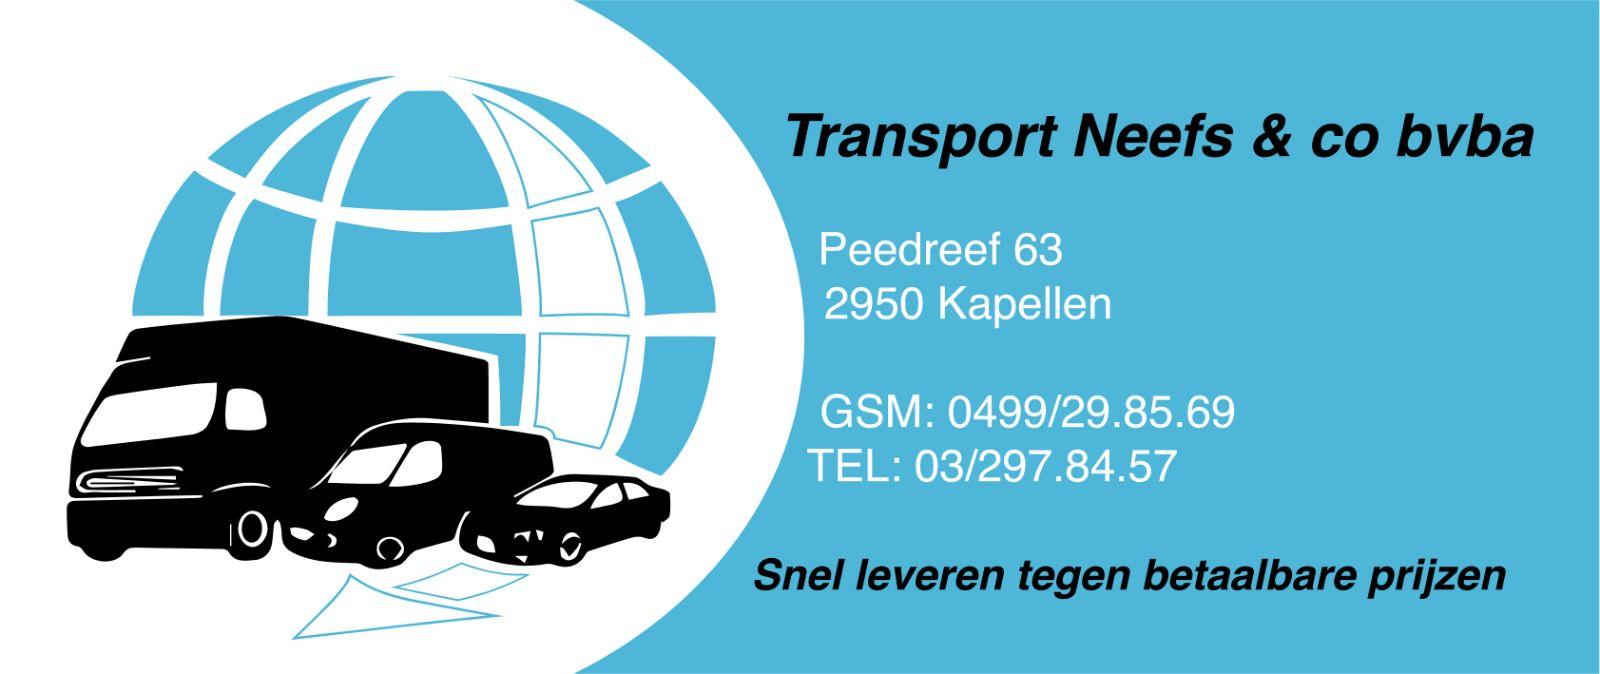 Transport Neefs & Co